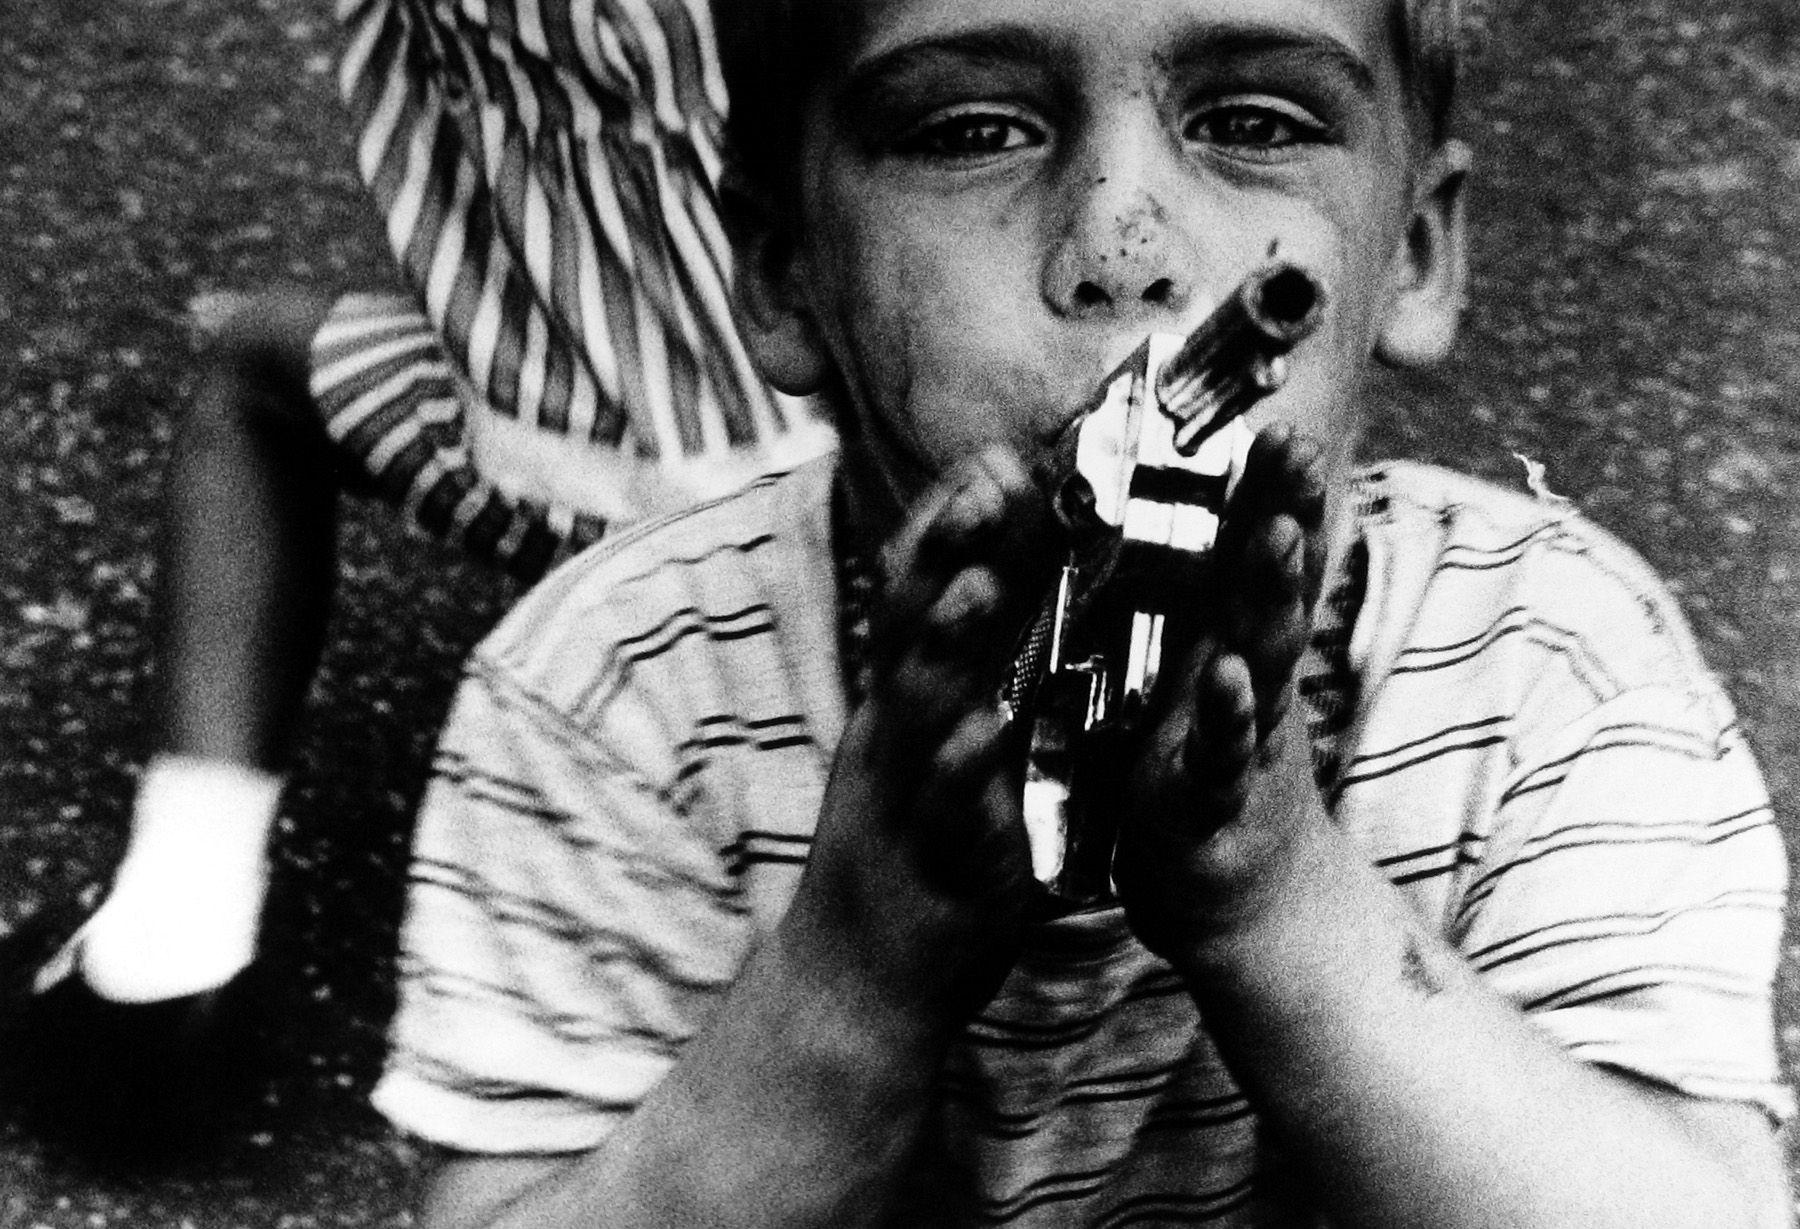 William Klein - Boy + Gun + Striped Dress, New York, 1955 - Howard Greenberg Gallery - 2018